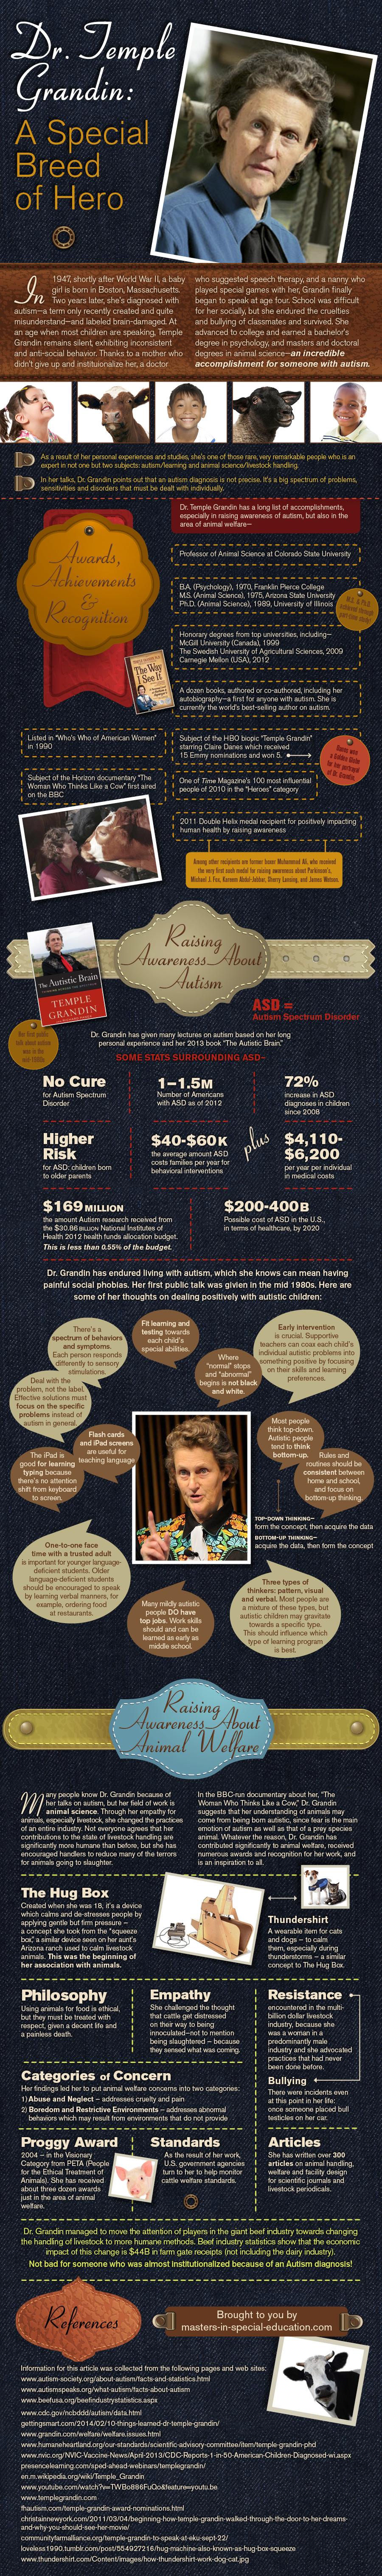 Temple Grandin Accomplishments